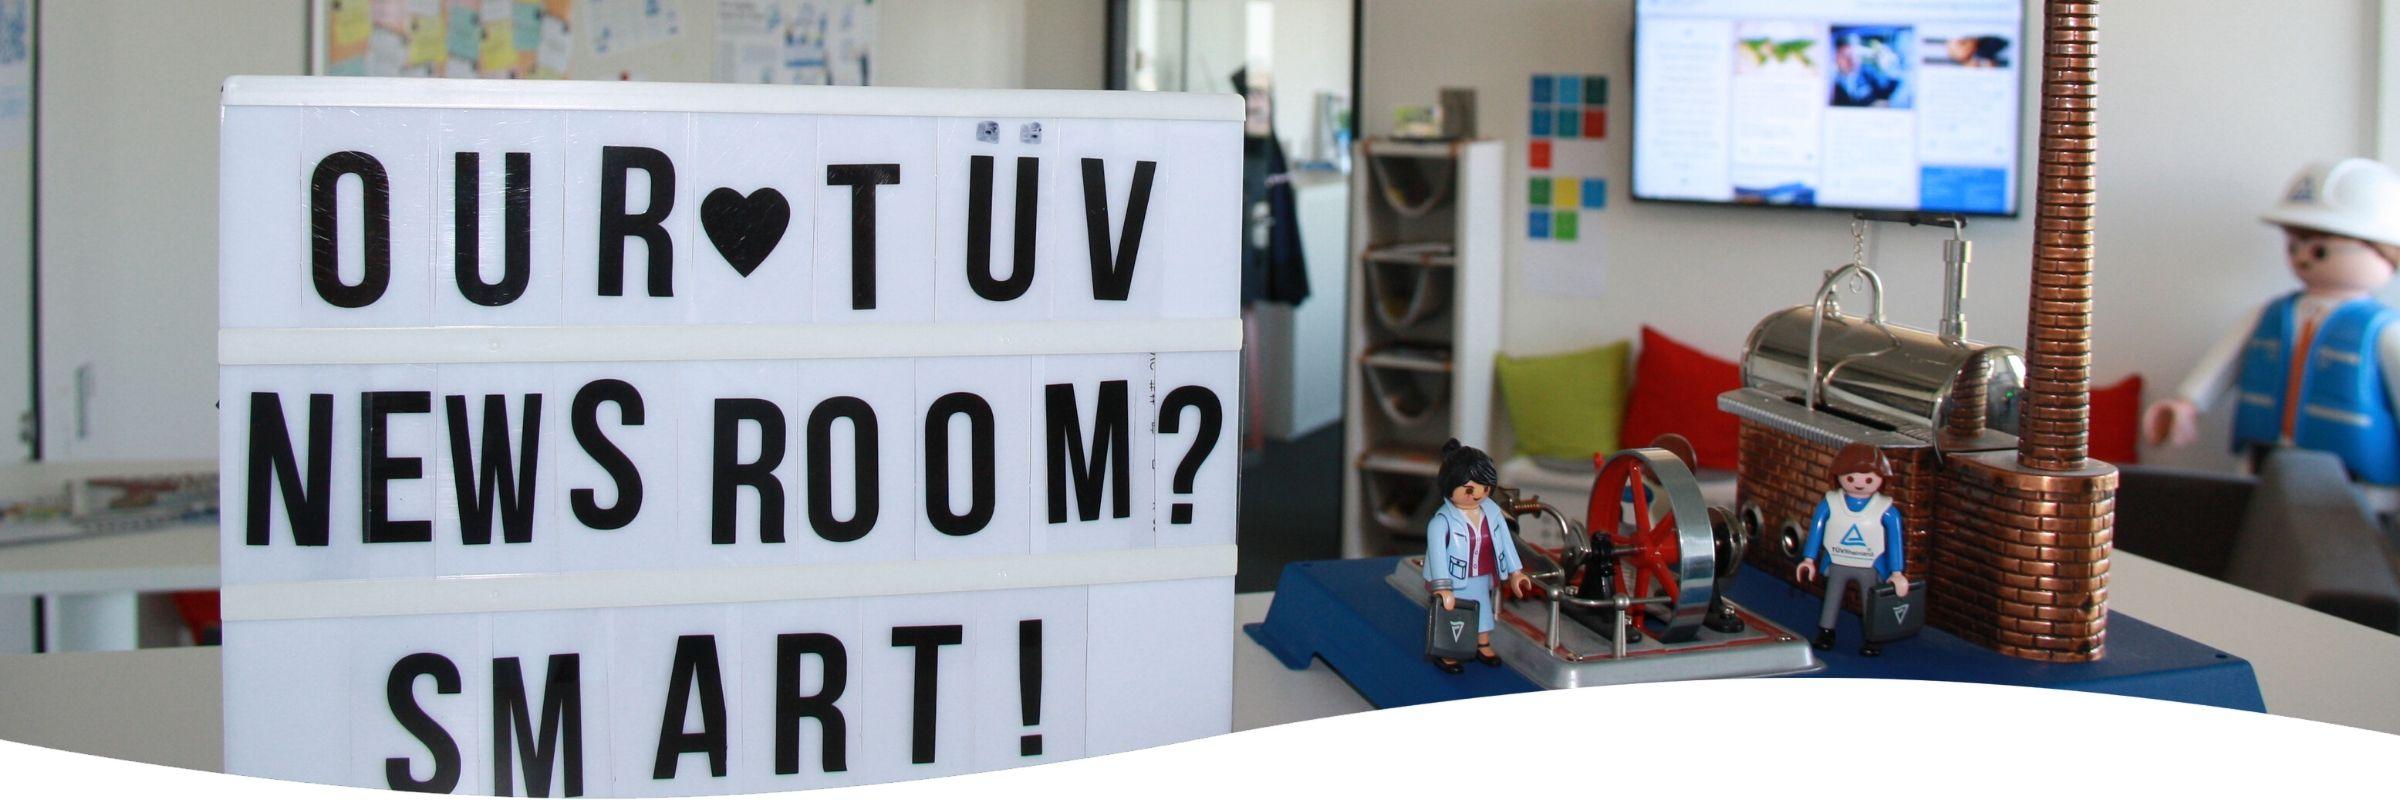 TÜV Rheinland Blog Newsroom